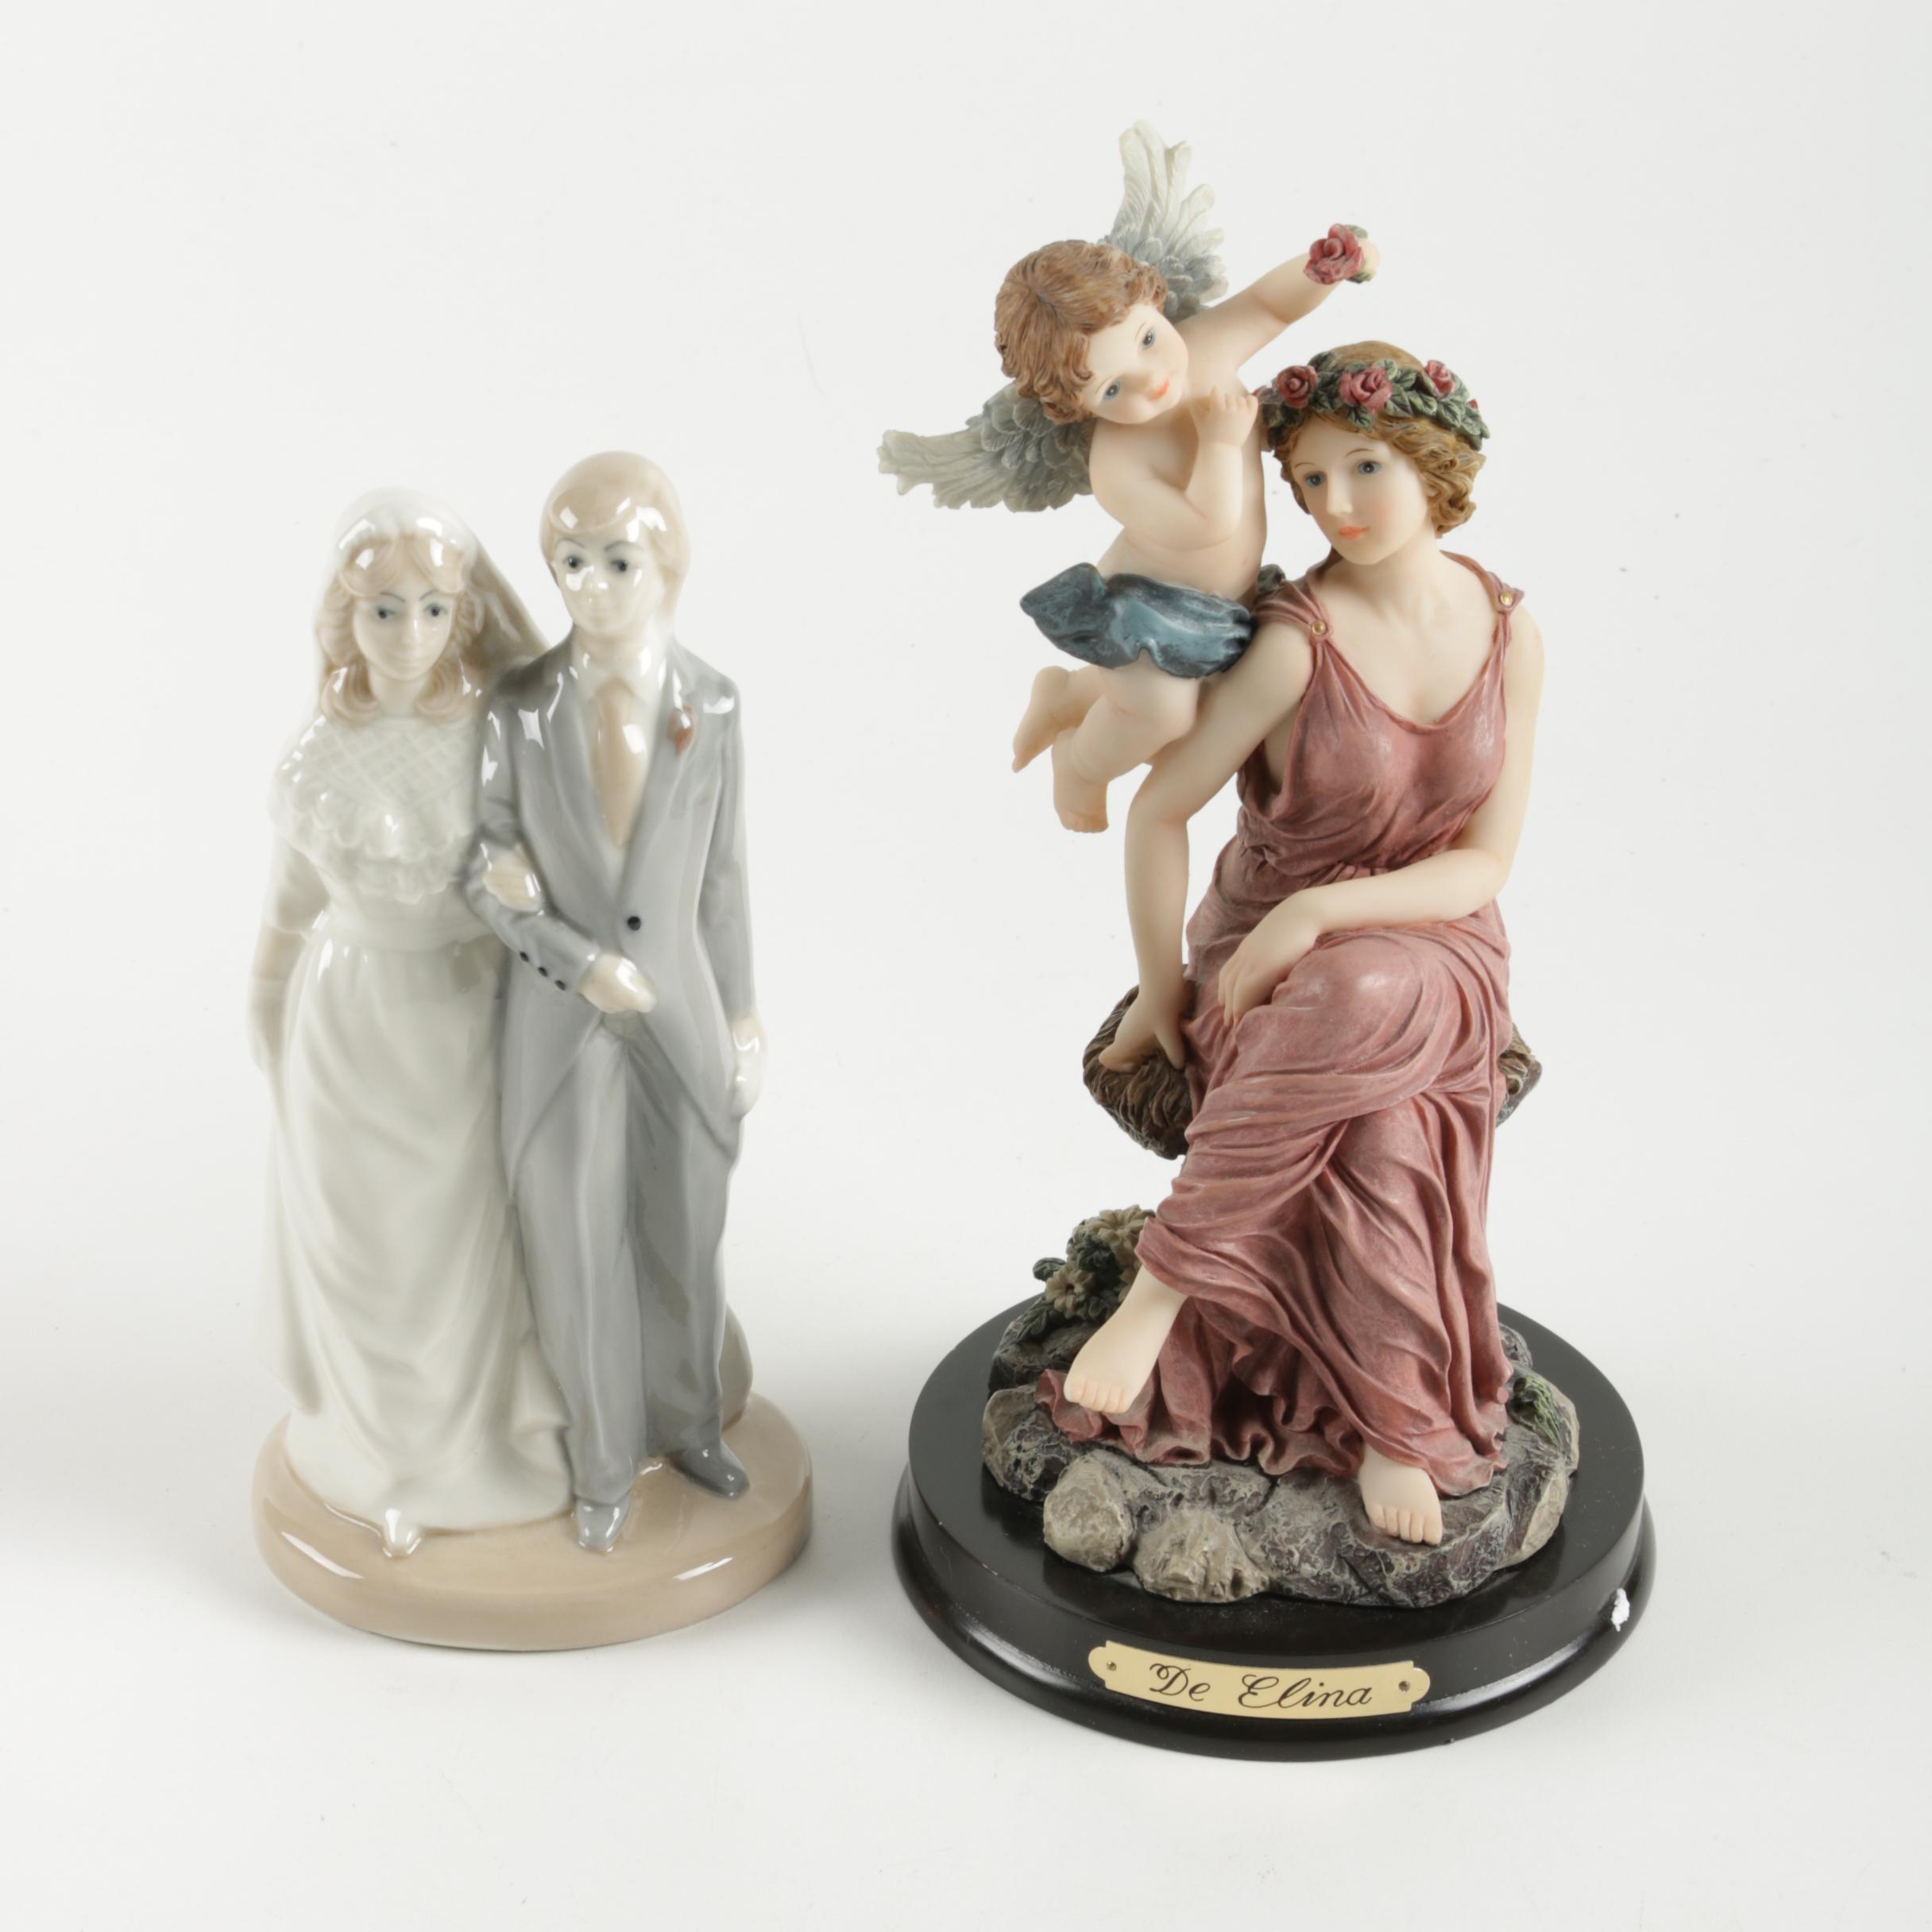 Pair of Ceramic Figurines